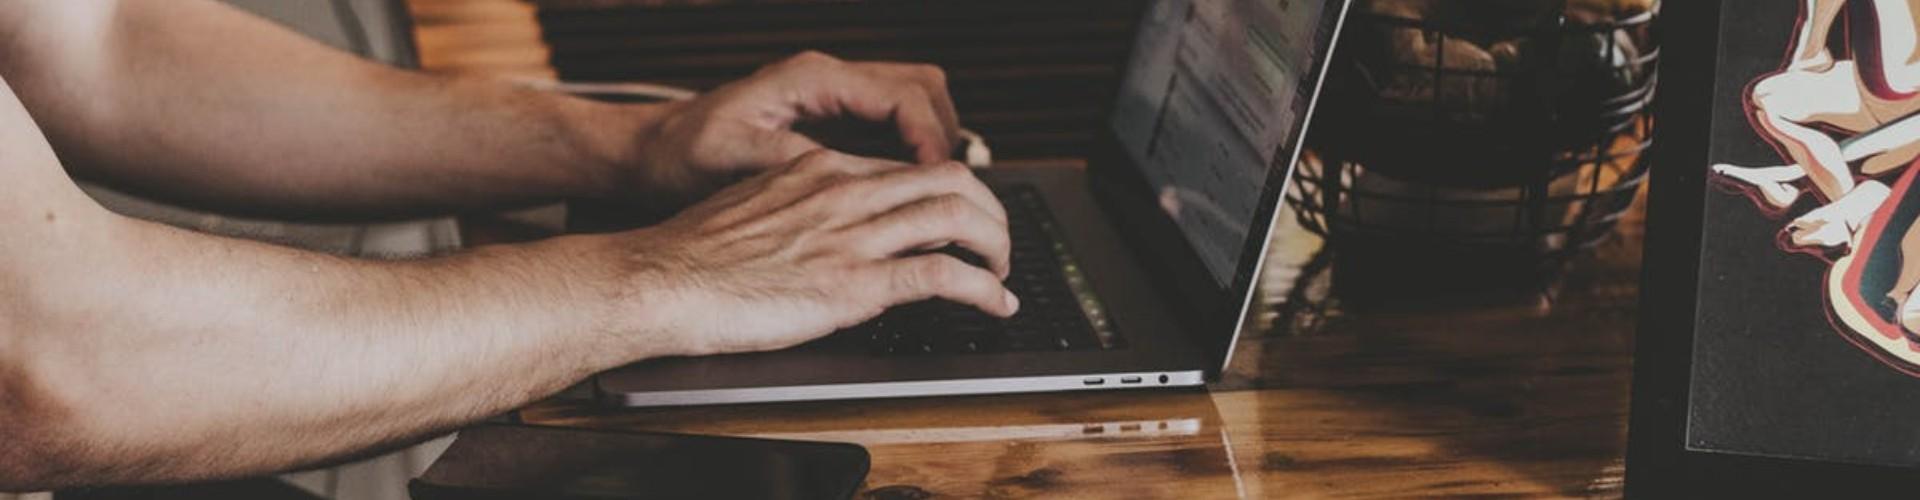 Cómo poner la experiencia laboral en tu currículum: Ejemplos